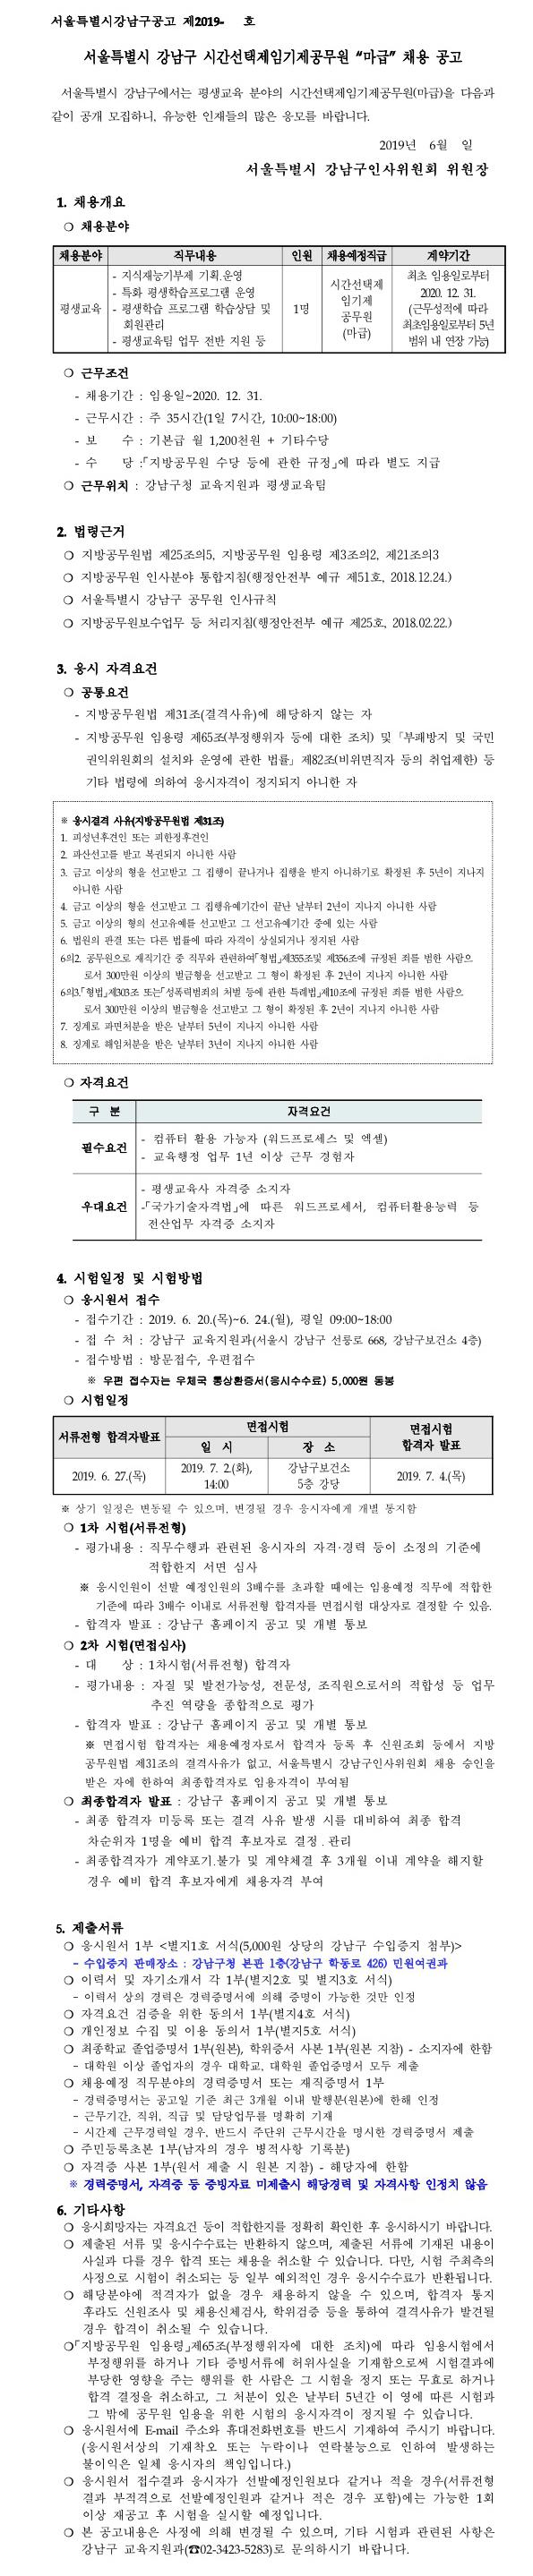 190605_서울시강남구_공고문.jpg